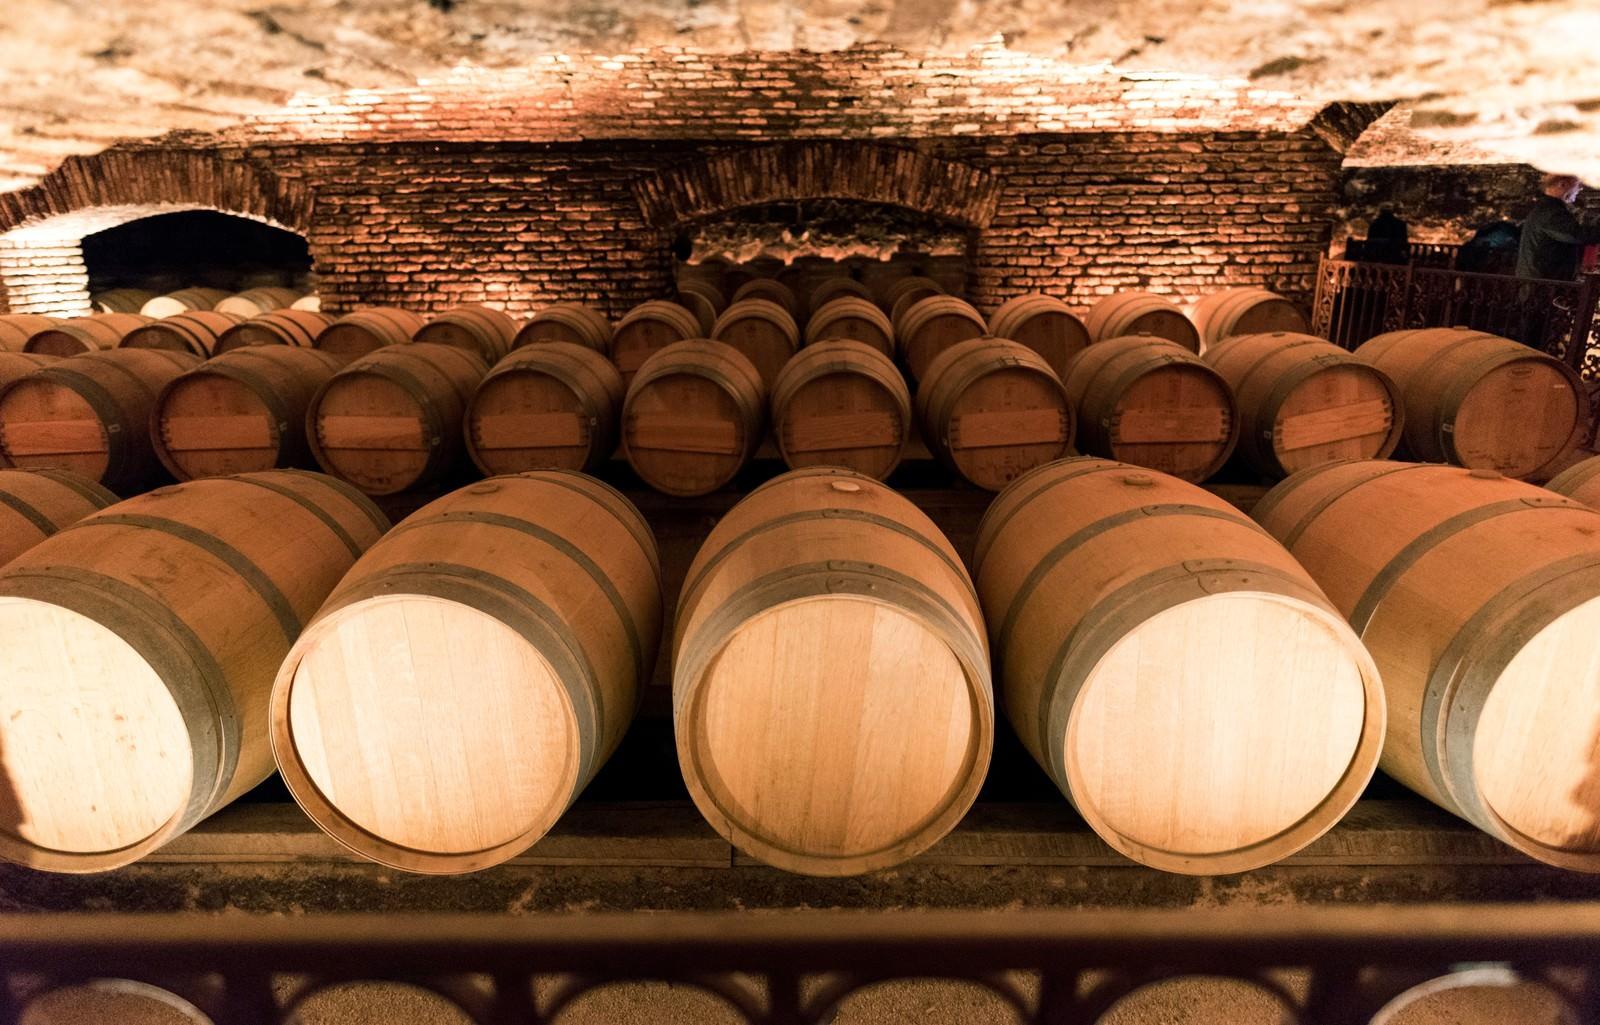 「ワイナリーのワイン貯蔵庫」の写真